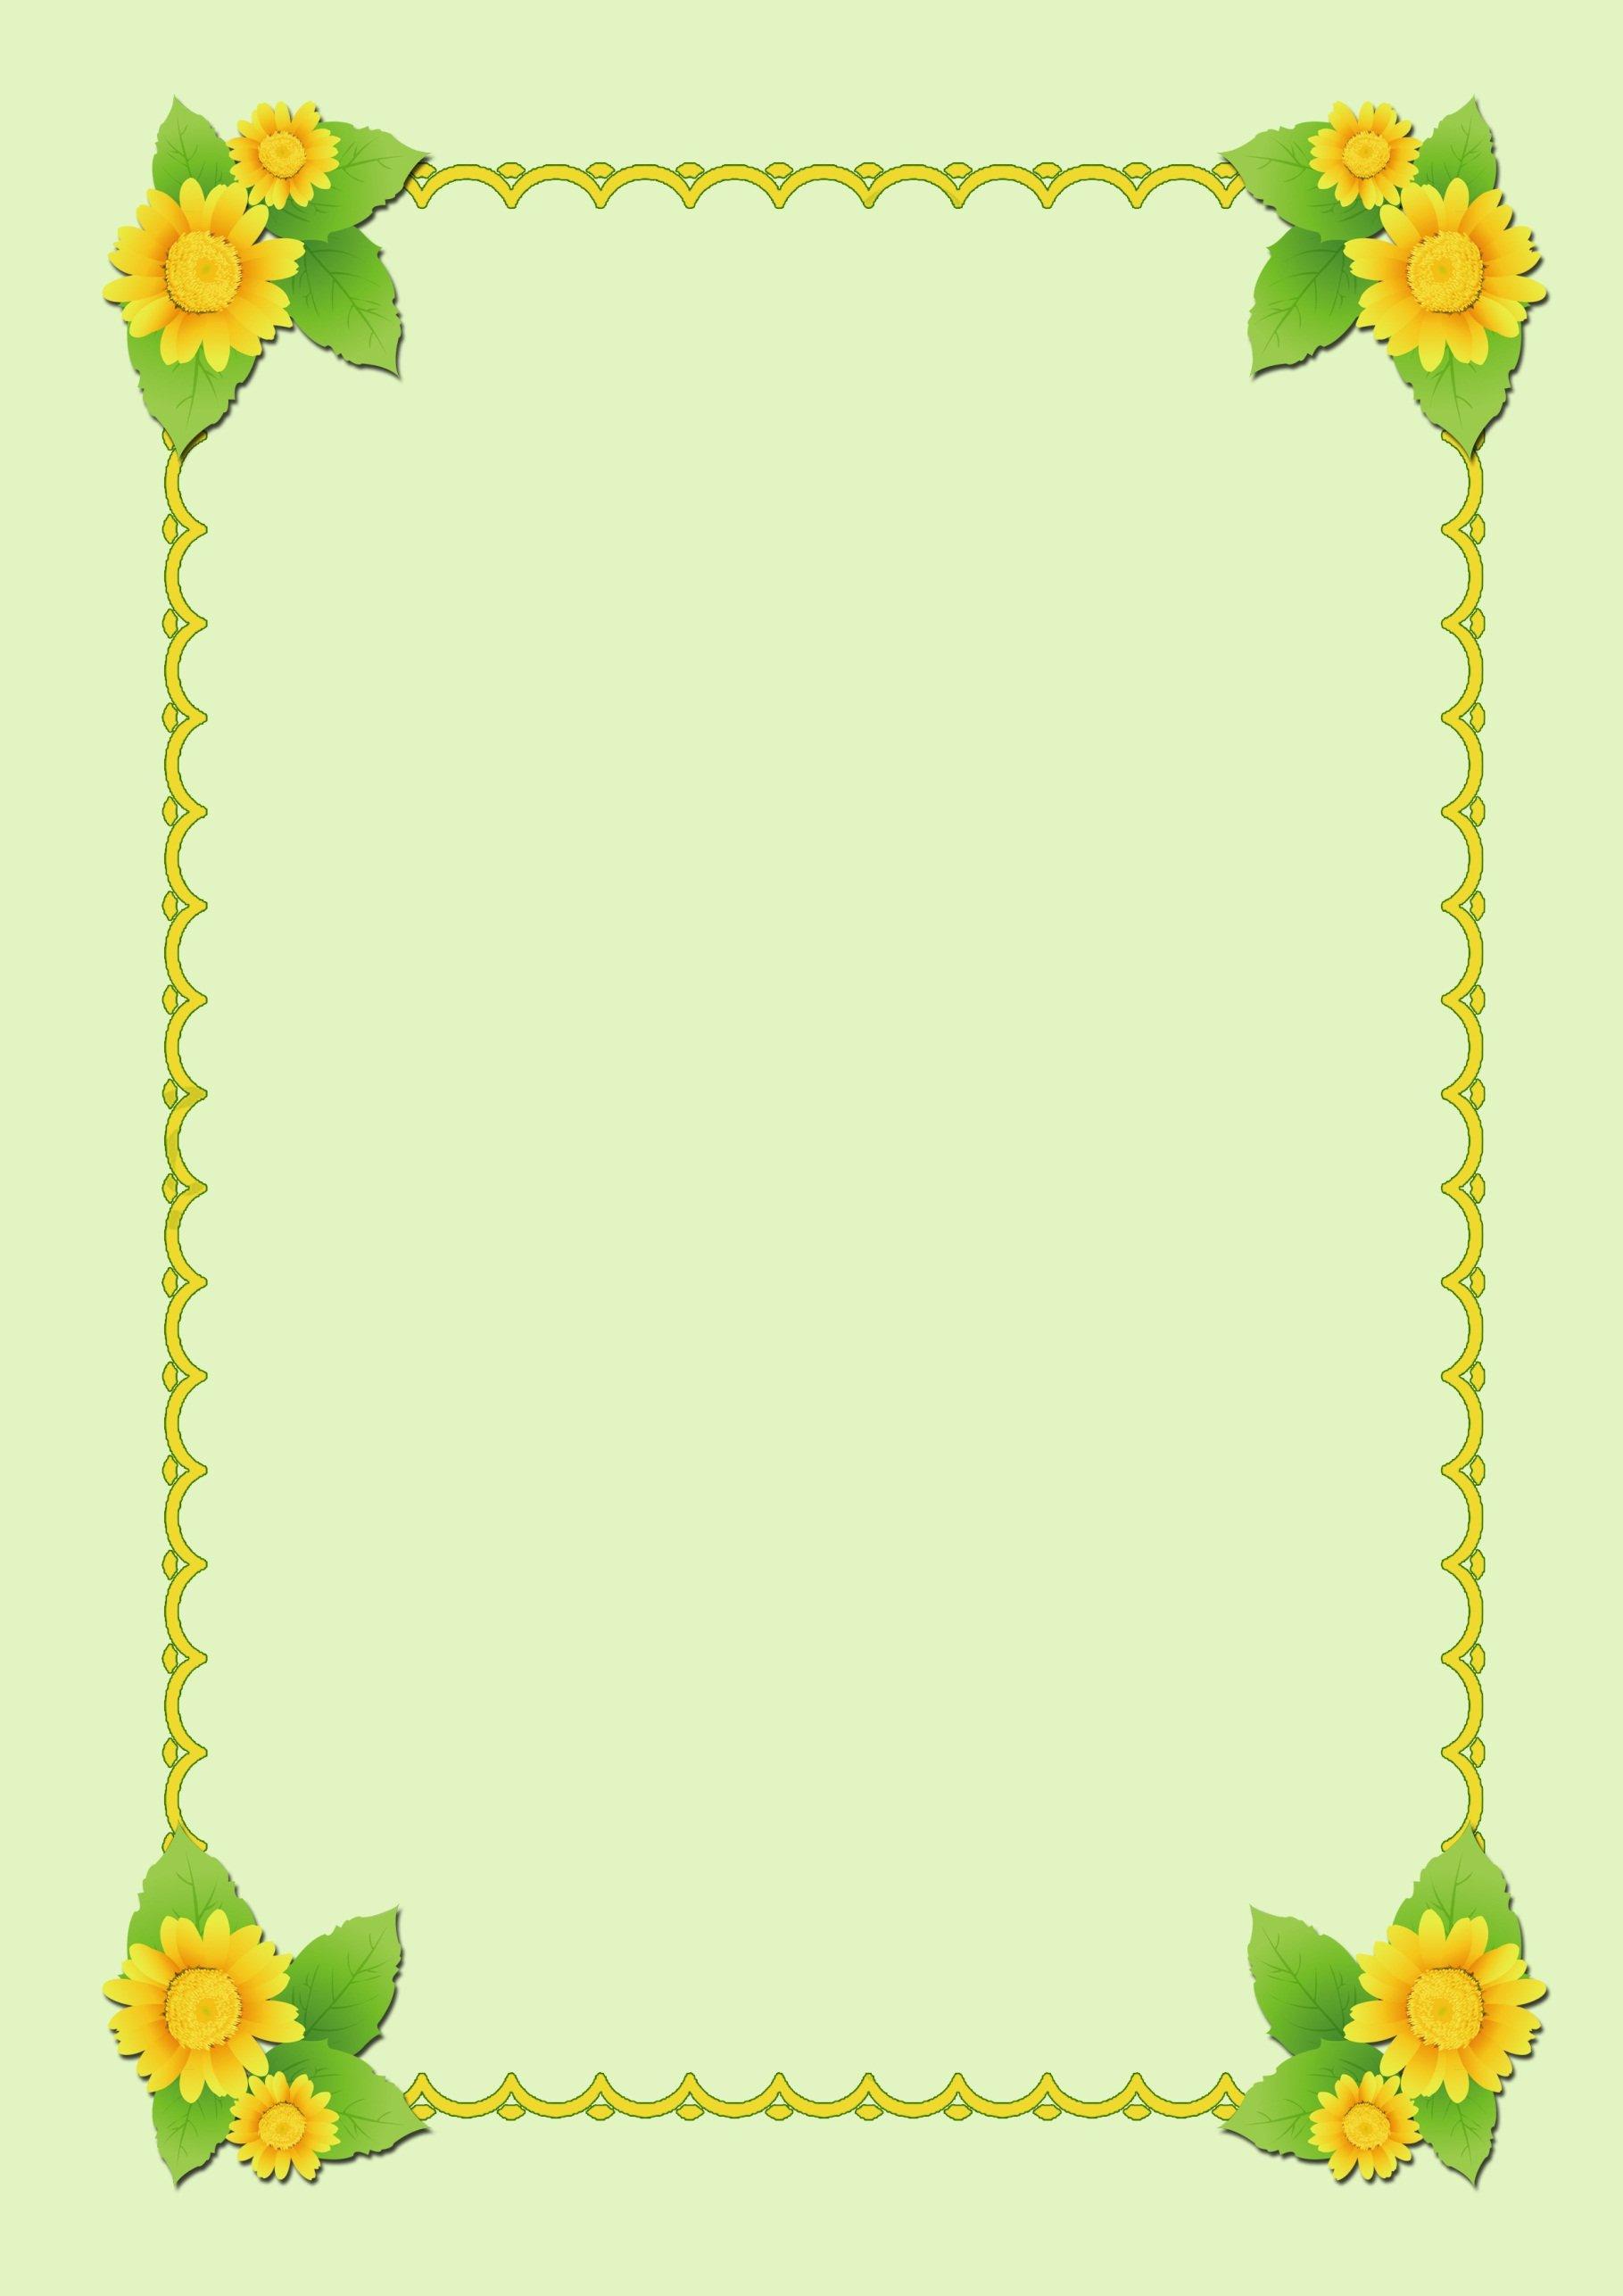 Картинки рамки с праздником состоят